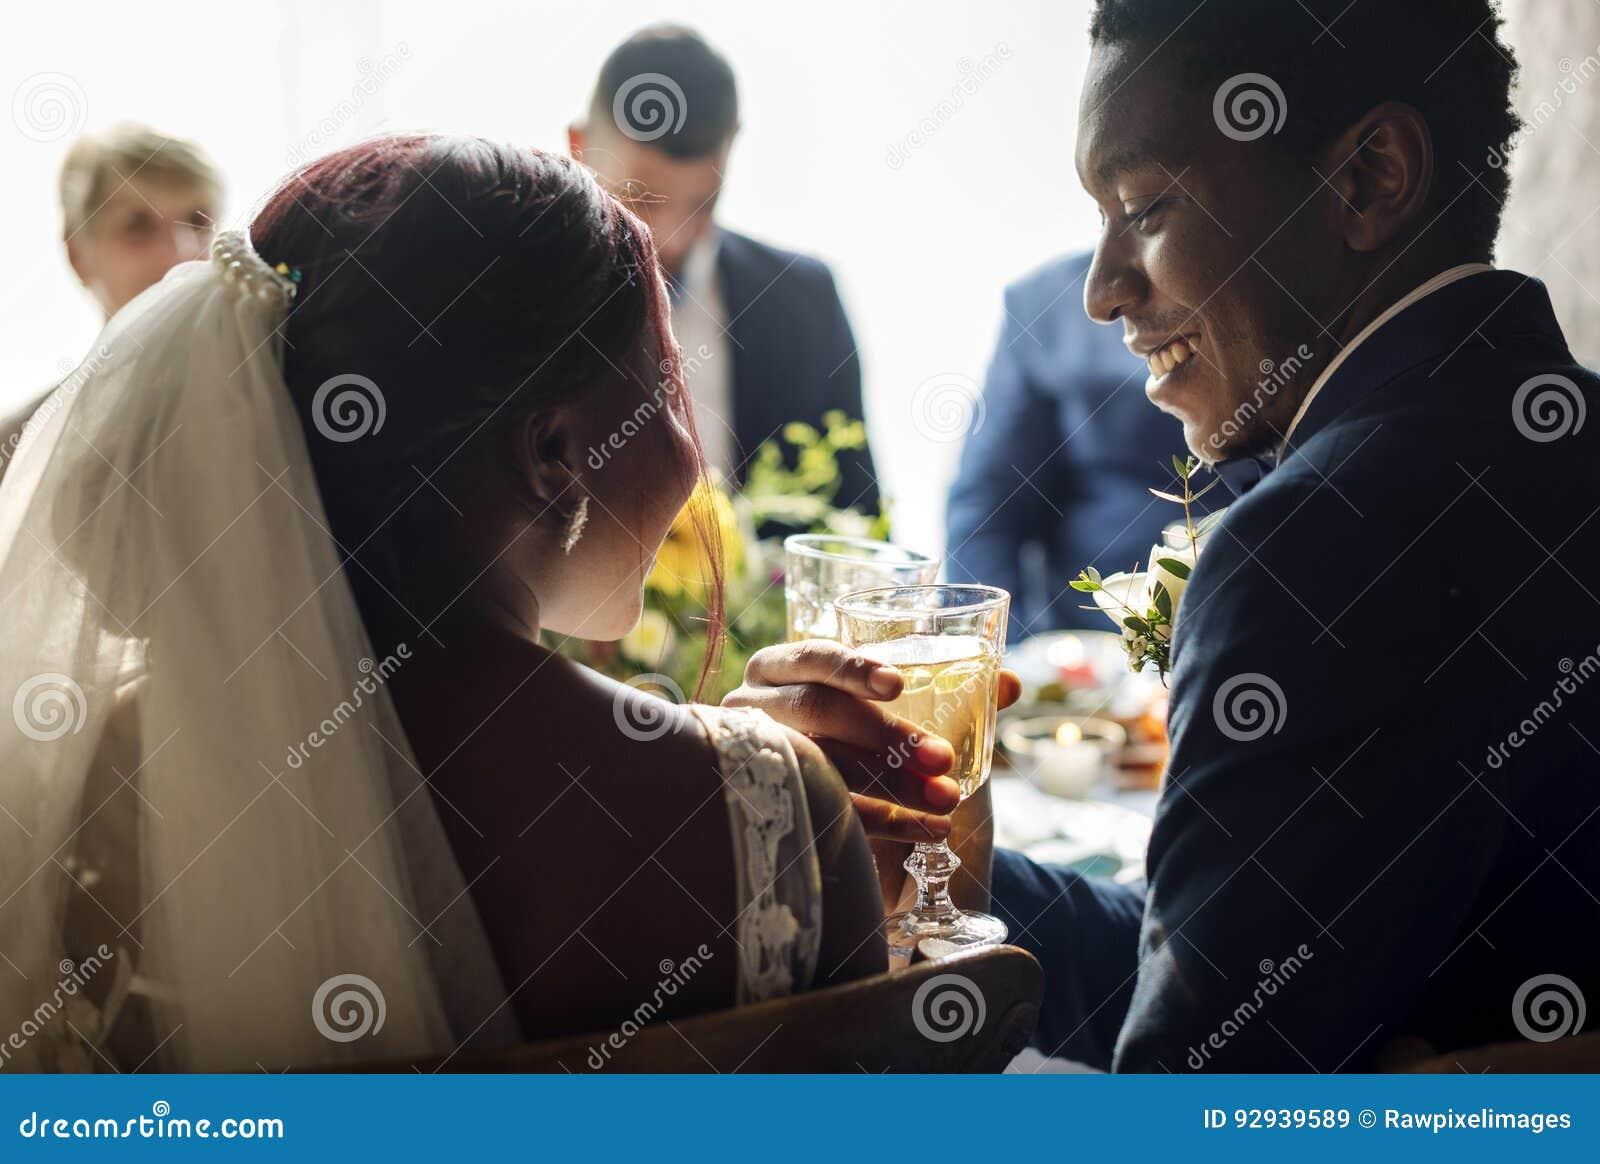 Recepção de Clinking Glasses Wedding dos noivos